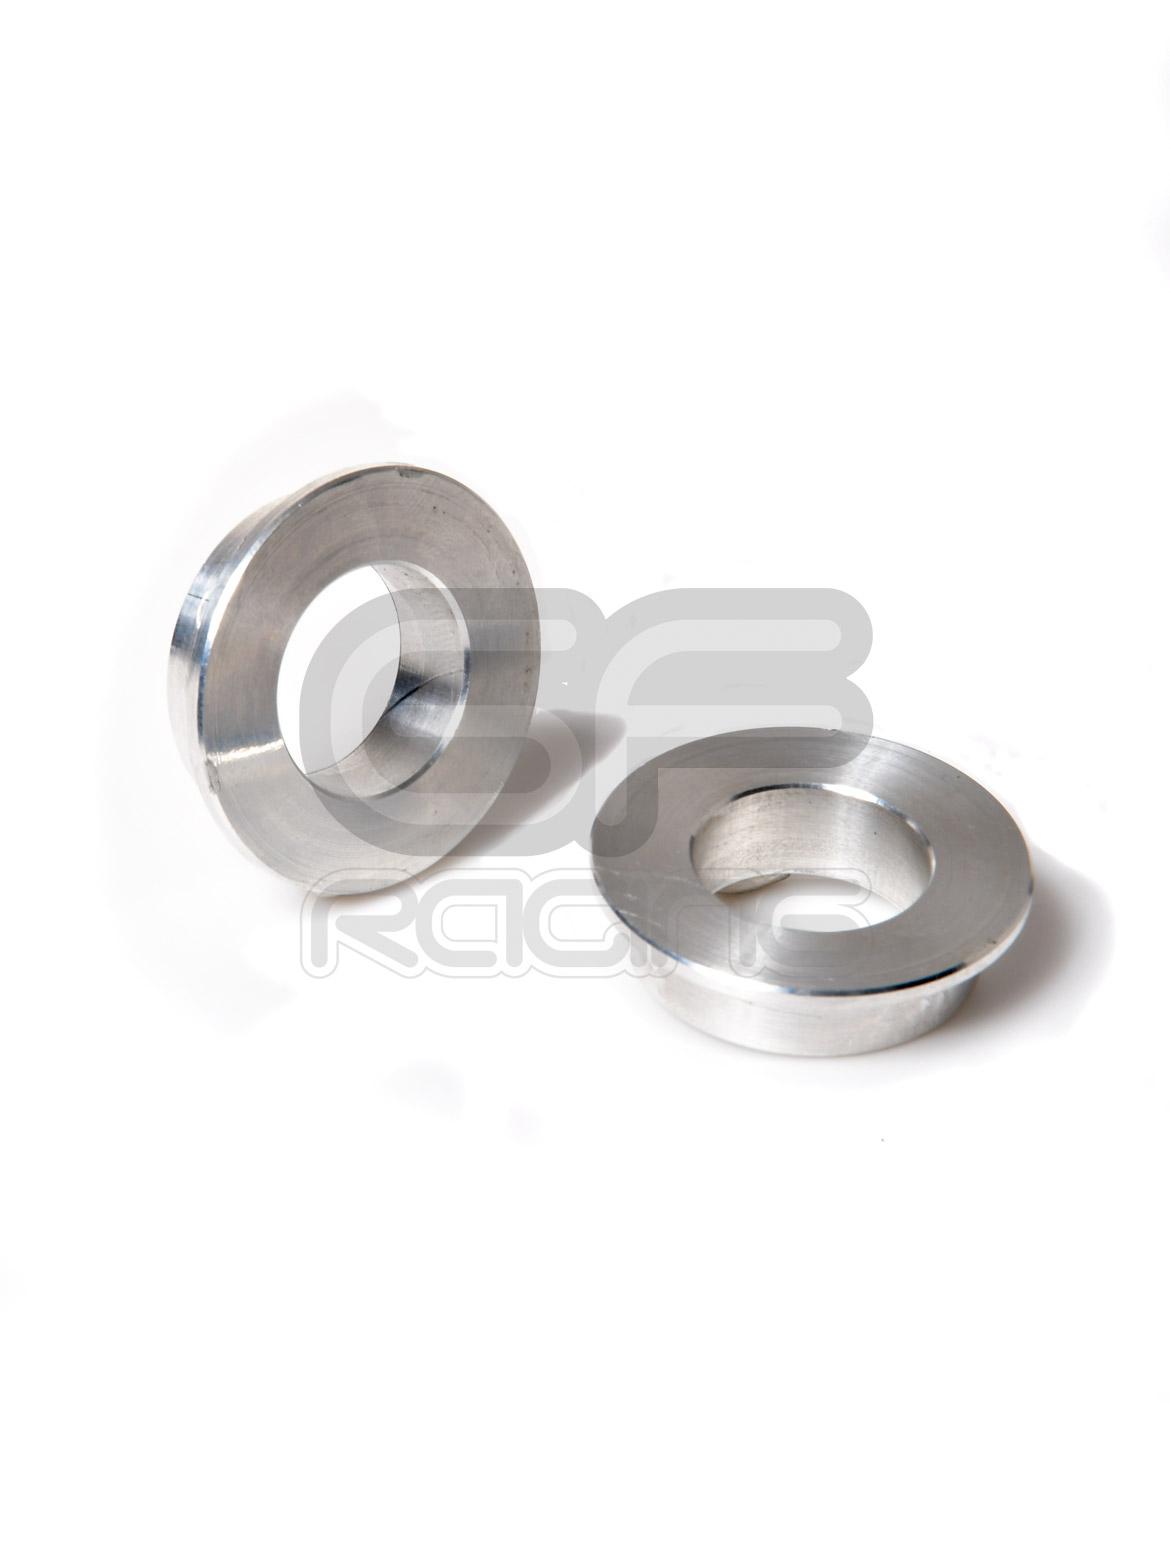 CBR400 NC29 Rear Wheel Spacers x2